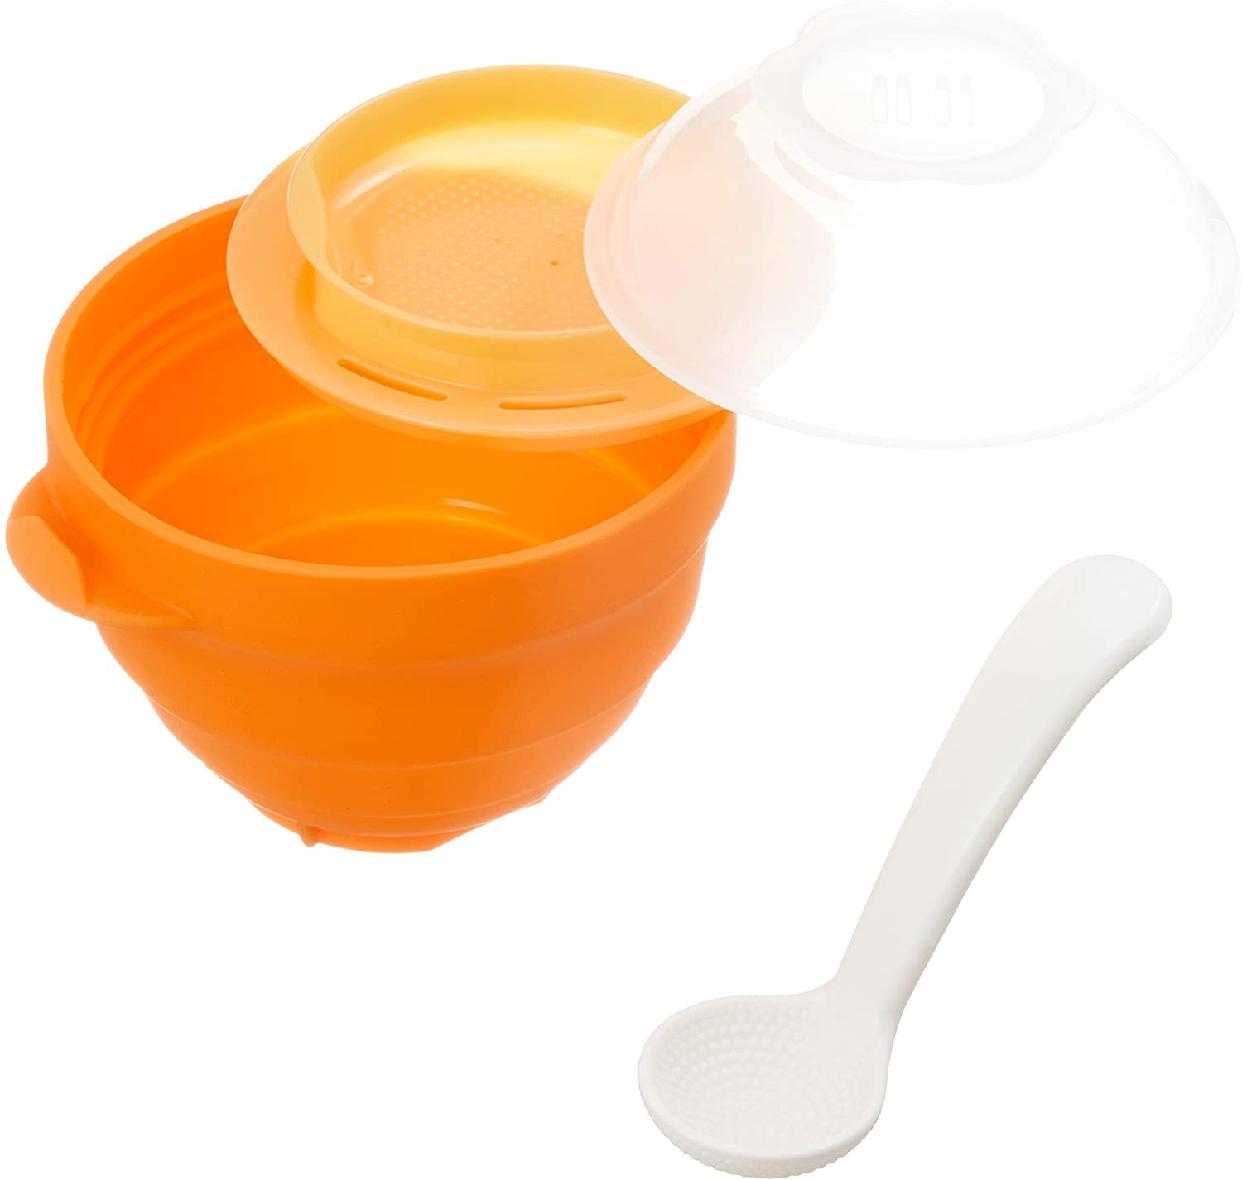 Richell(リッチェル) 離乳食シリコーンスチーマーの商品画像